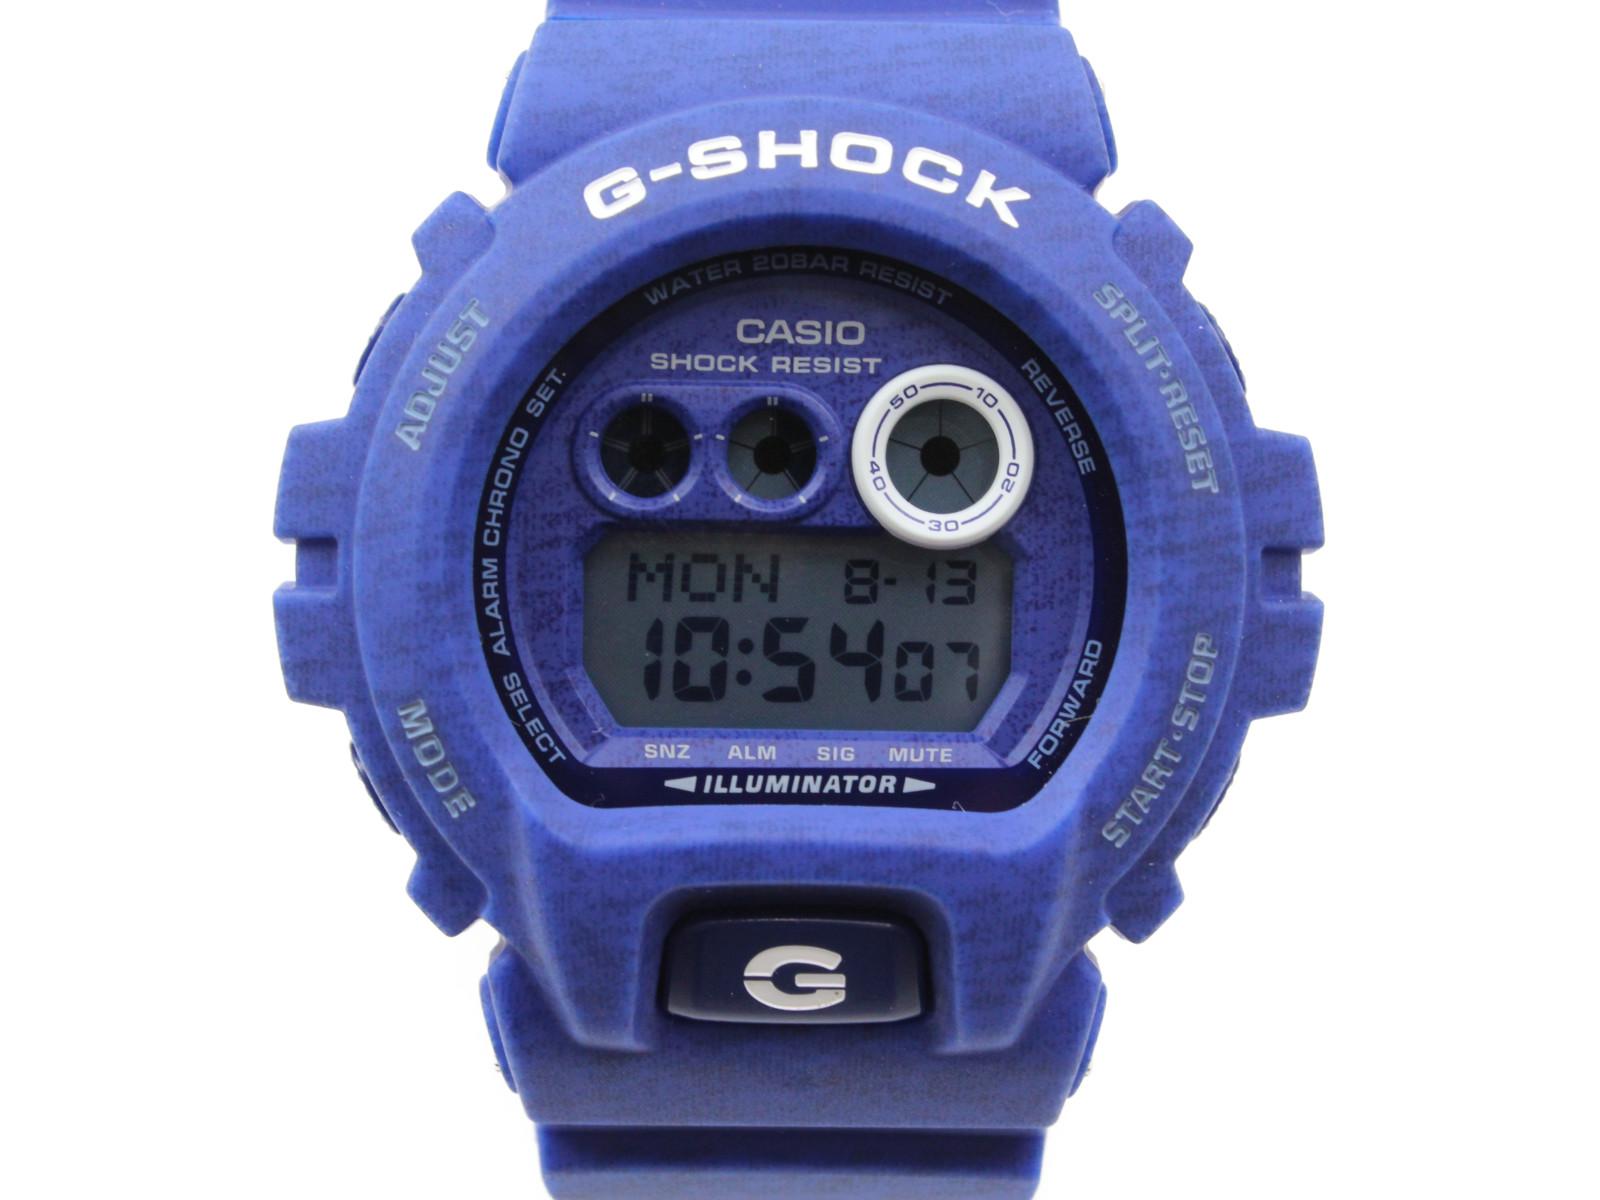 【パターンシリーズ】CASIO カシオ G-SHOCK GD-X6900HT-2JF デジタル ブルー メンズ 腕時計 ギフト プレゼント 包装無料【中古】